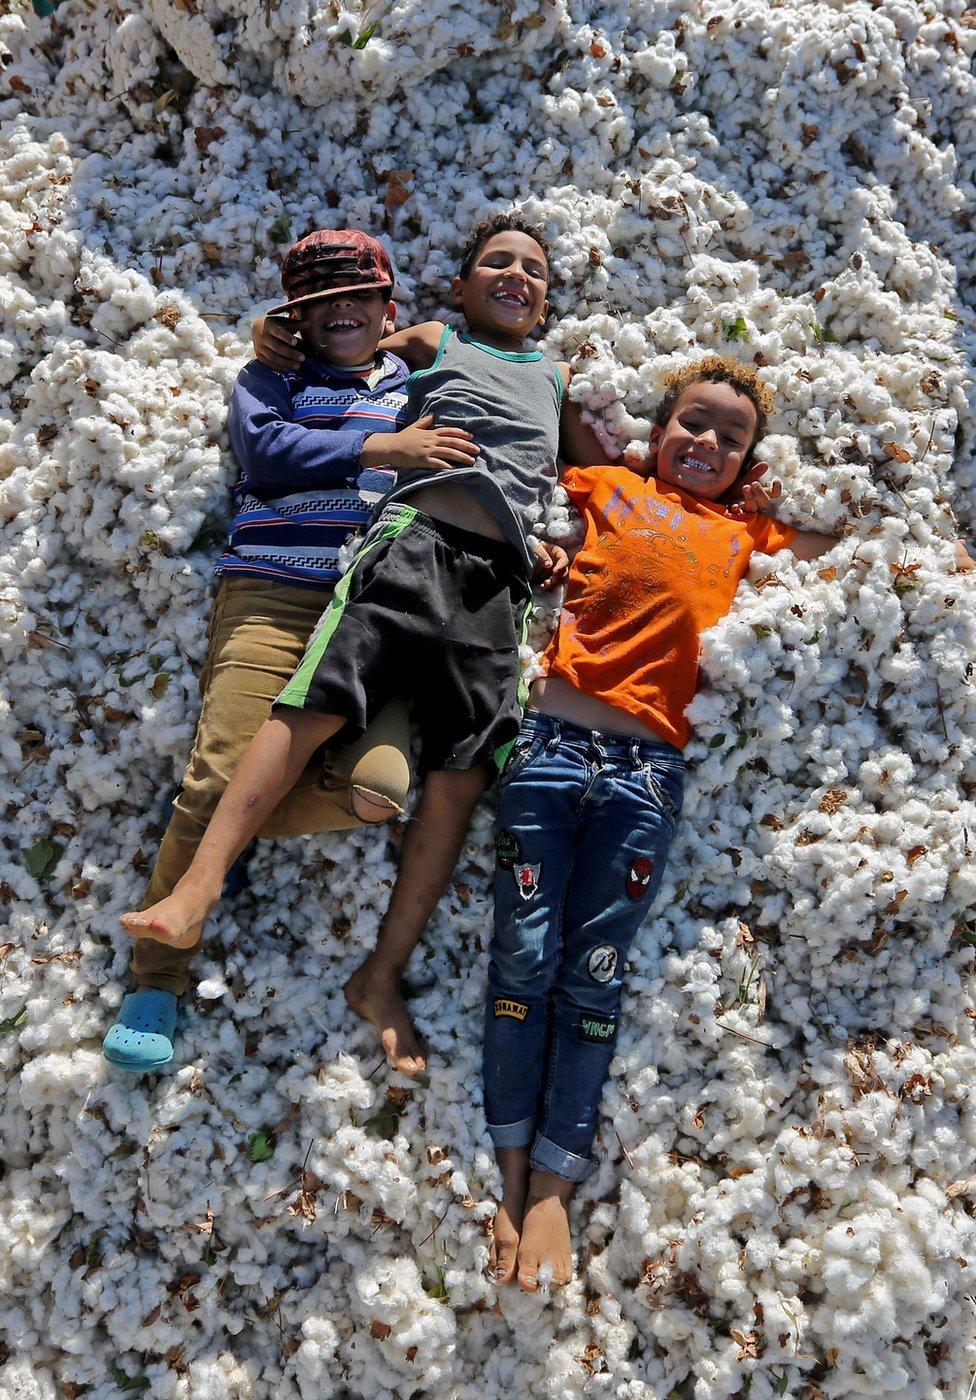 يلعب الأطفال فوق نسيج القطن